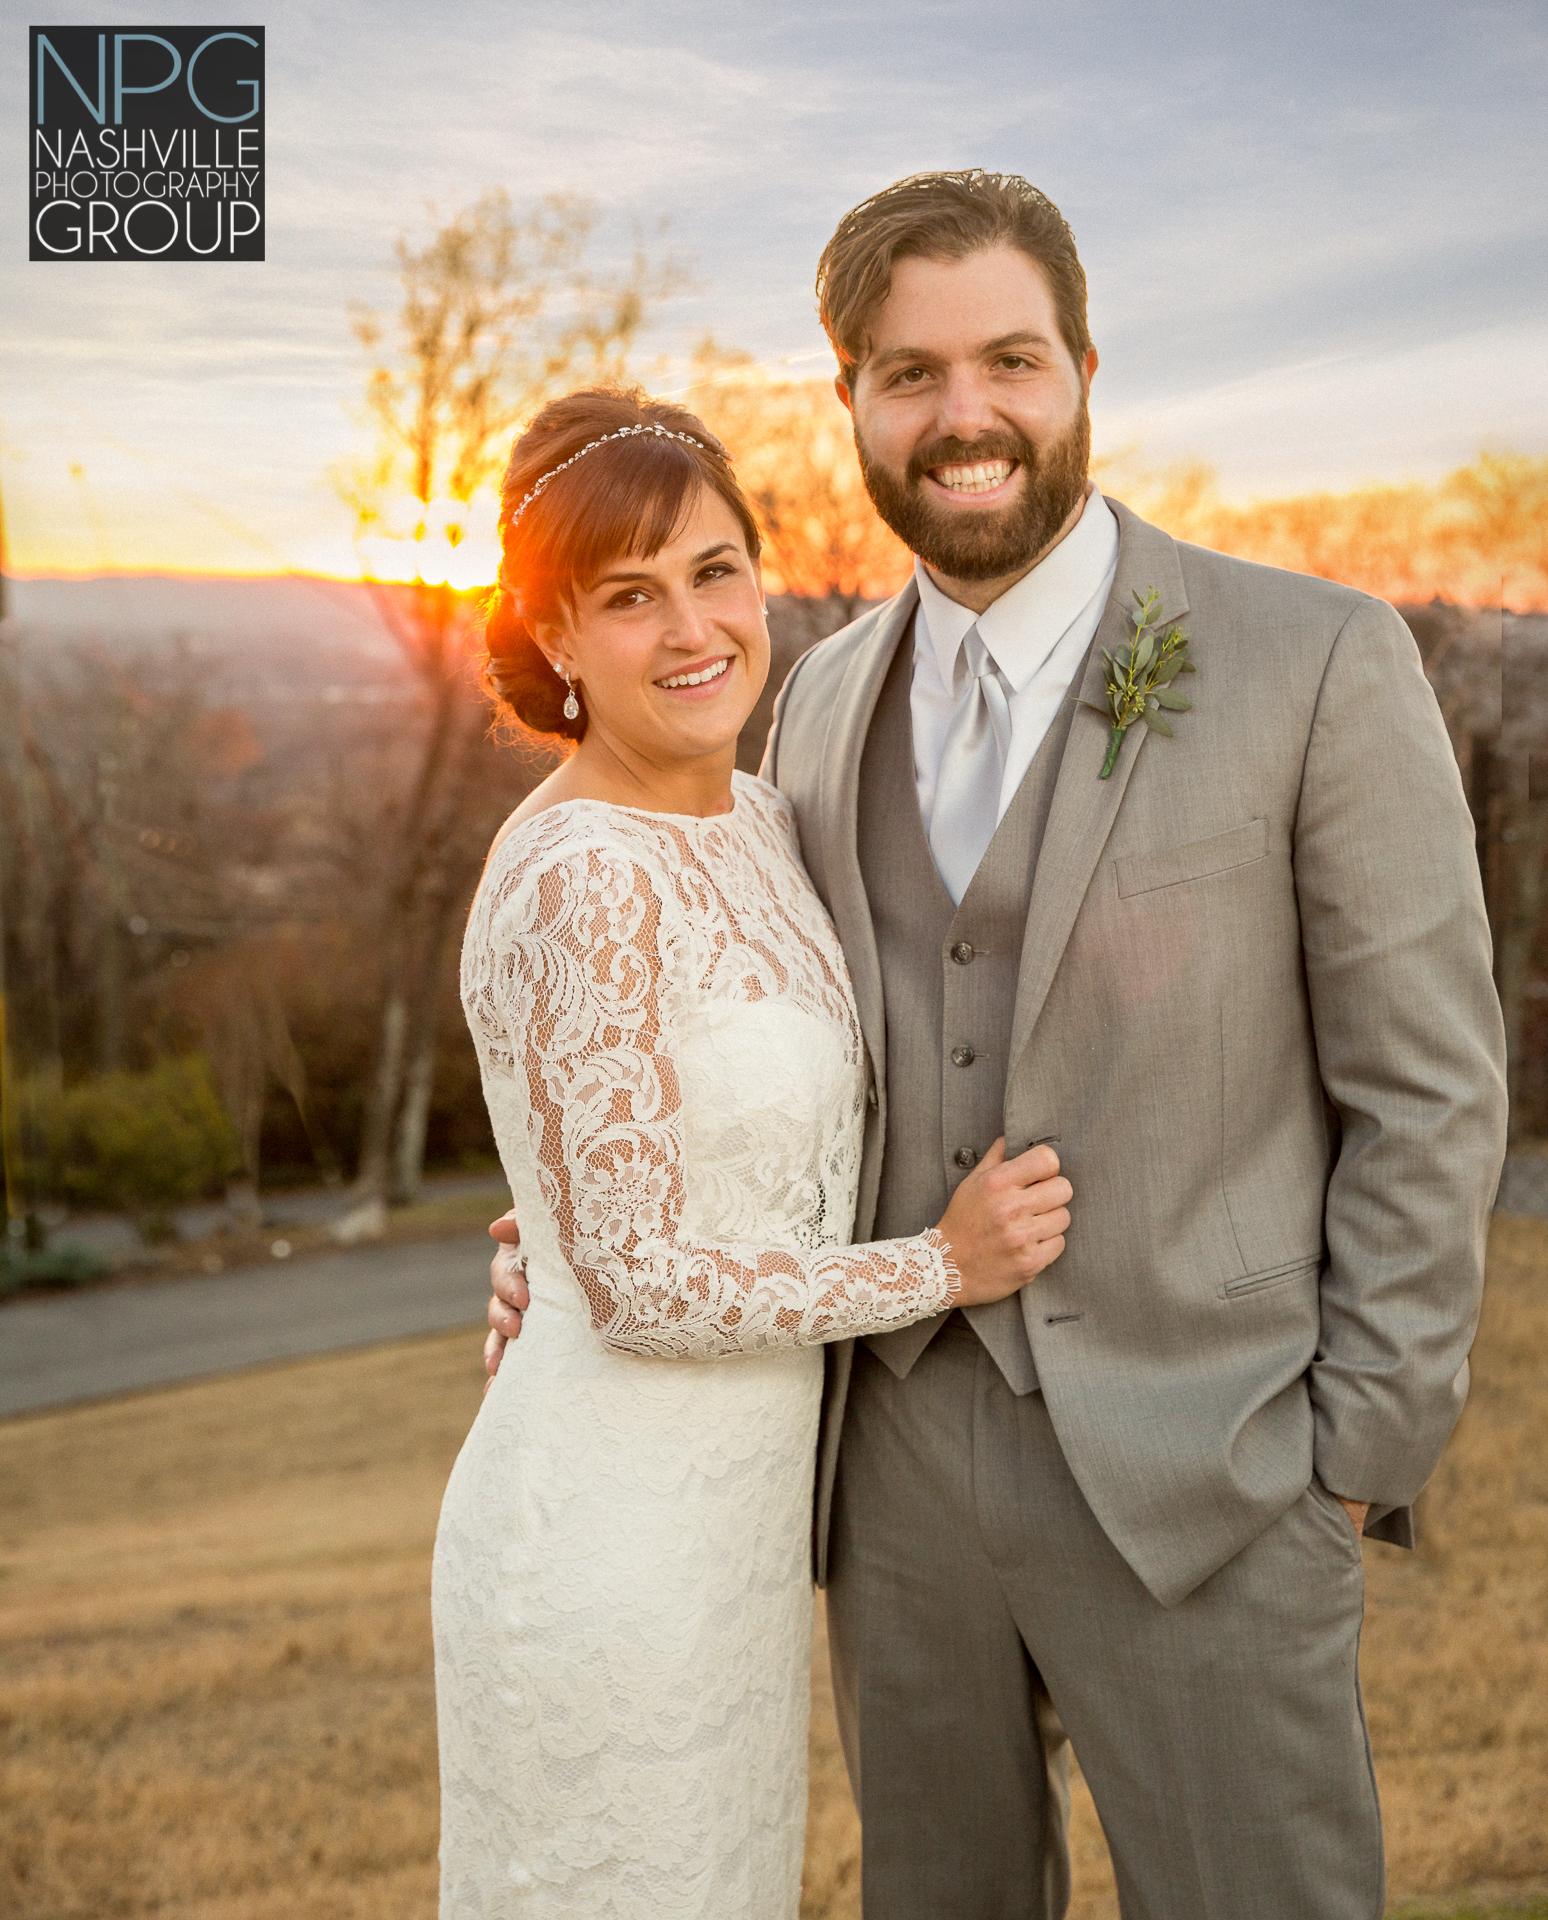 Nashville Photography Group wedding photographers-5-2.jpg